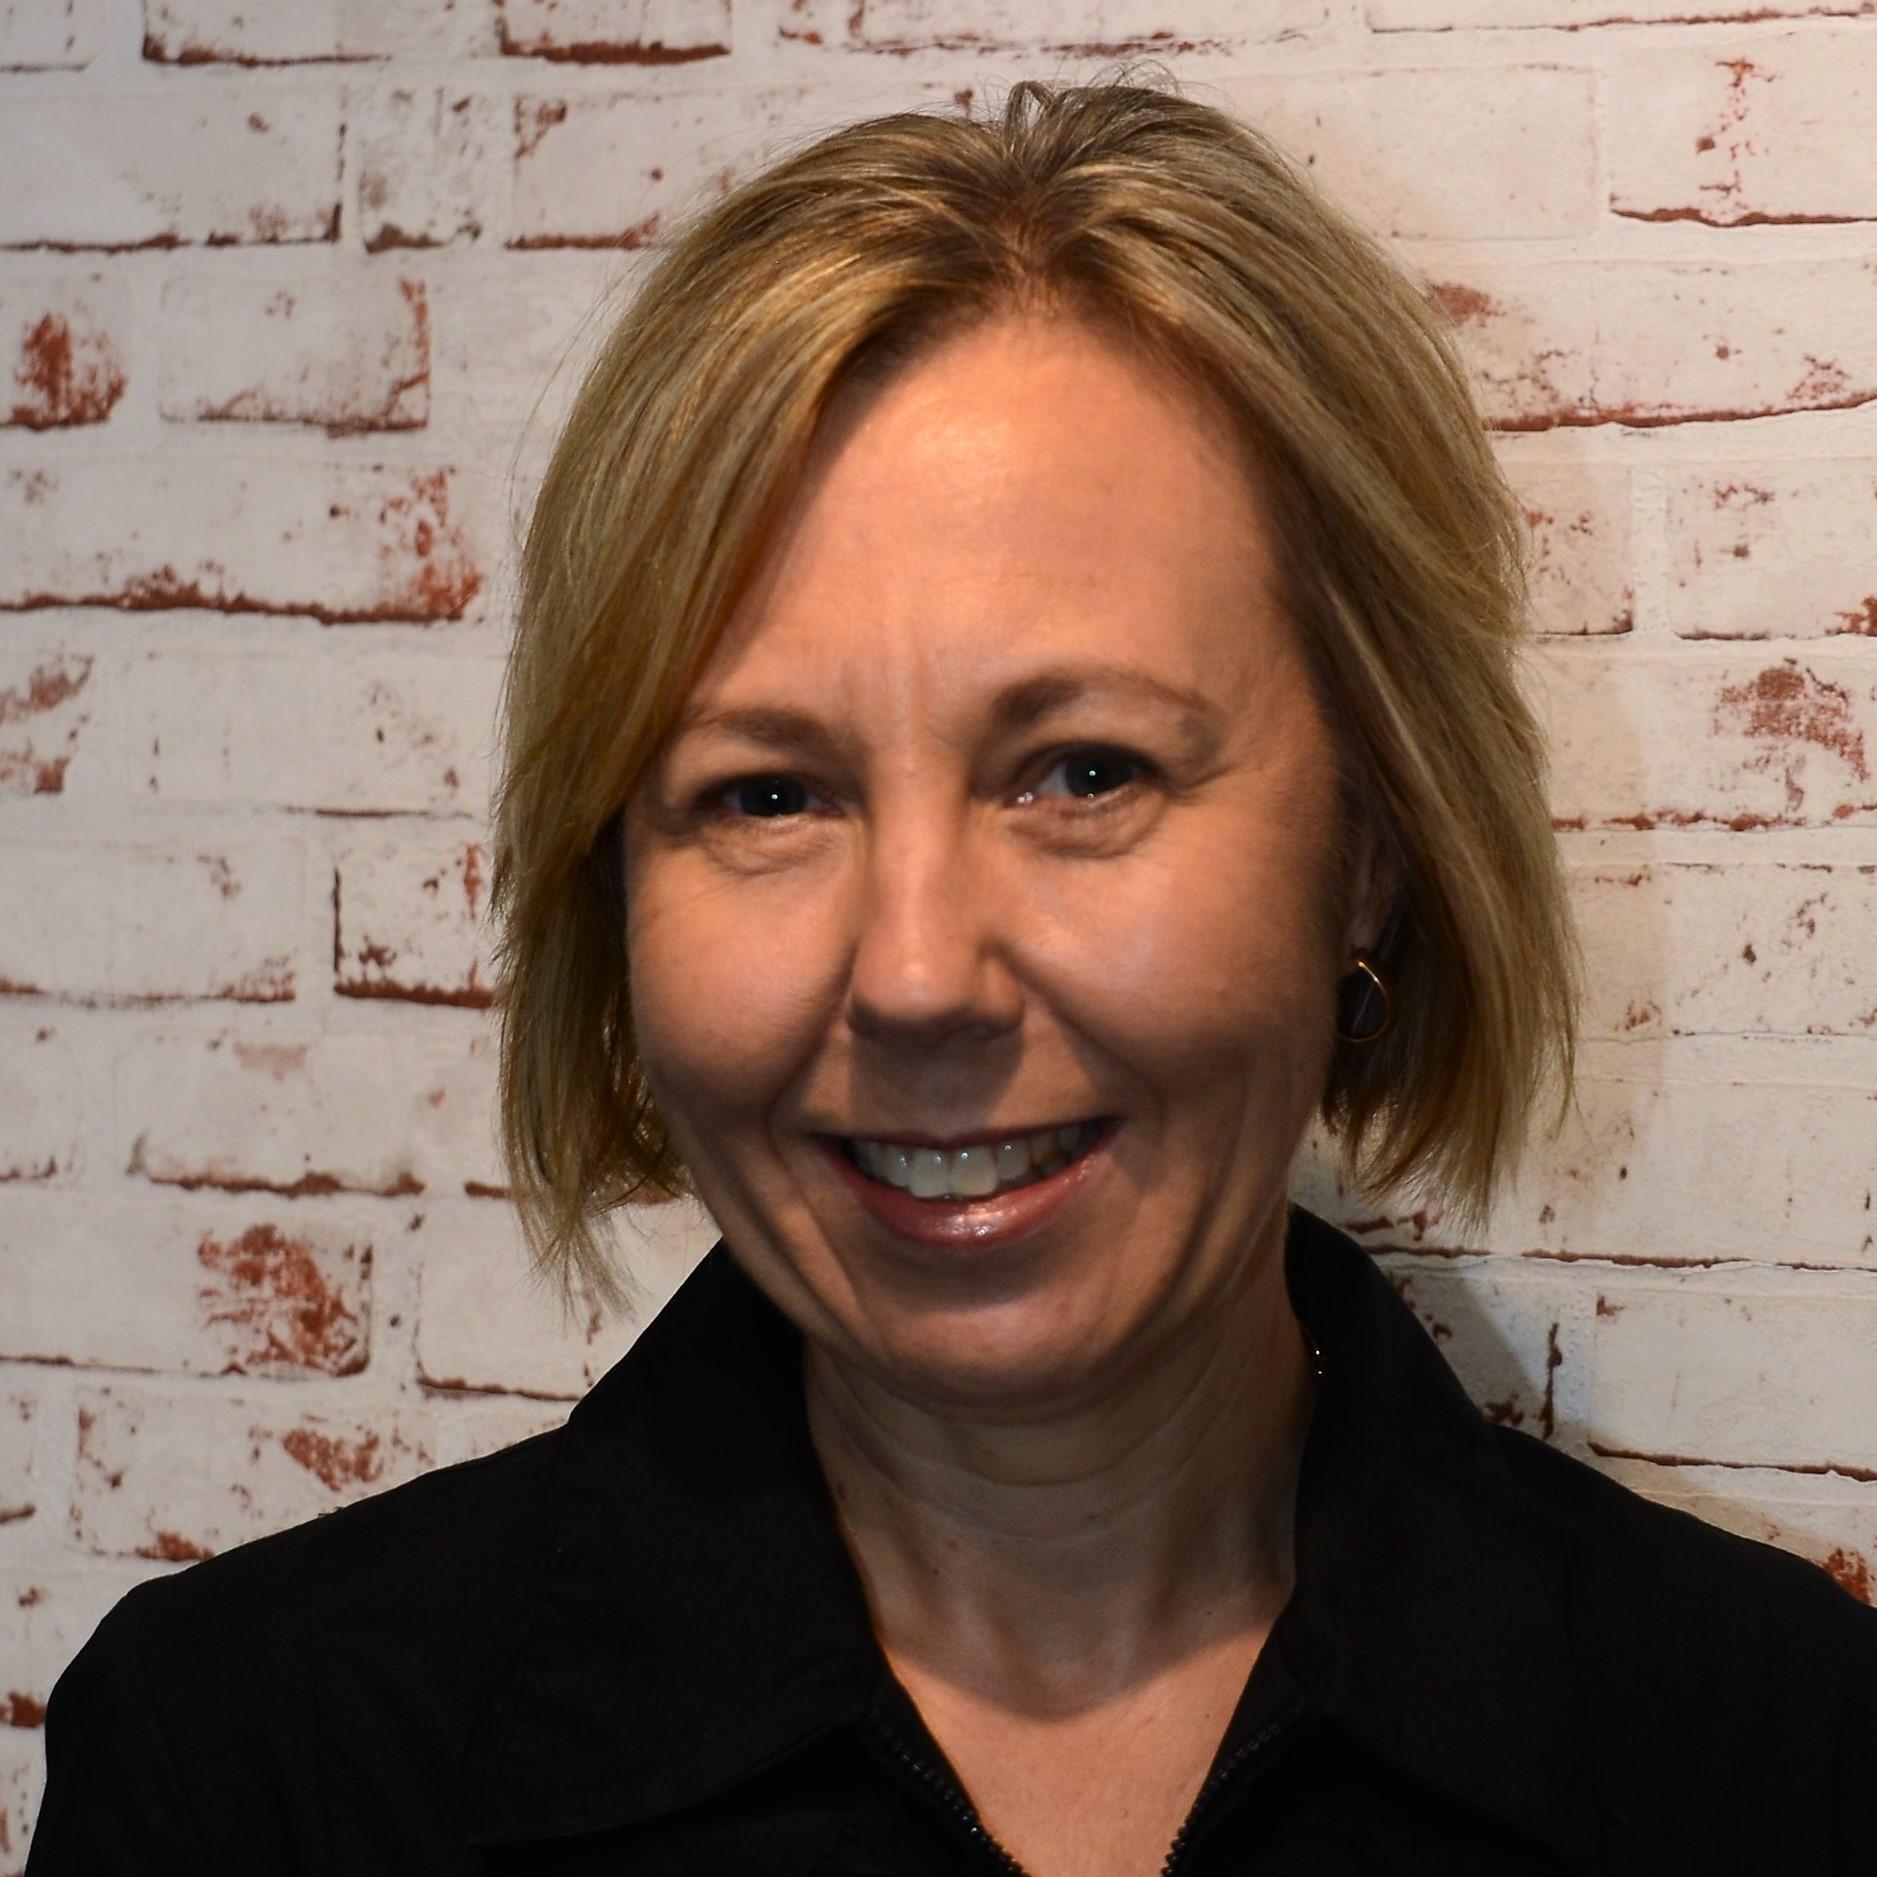 Natasha Kirk